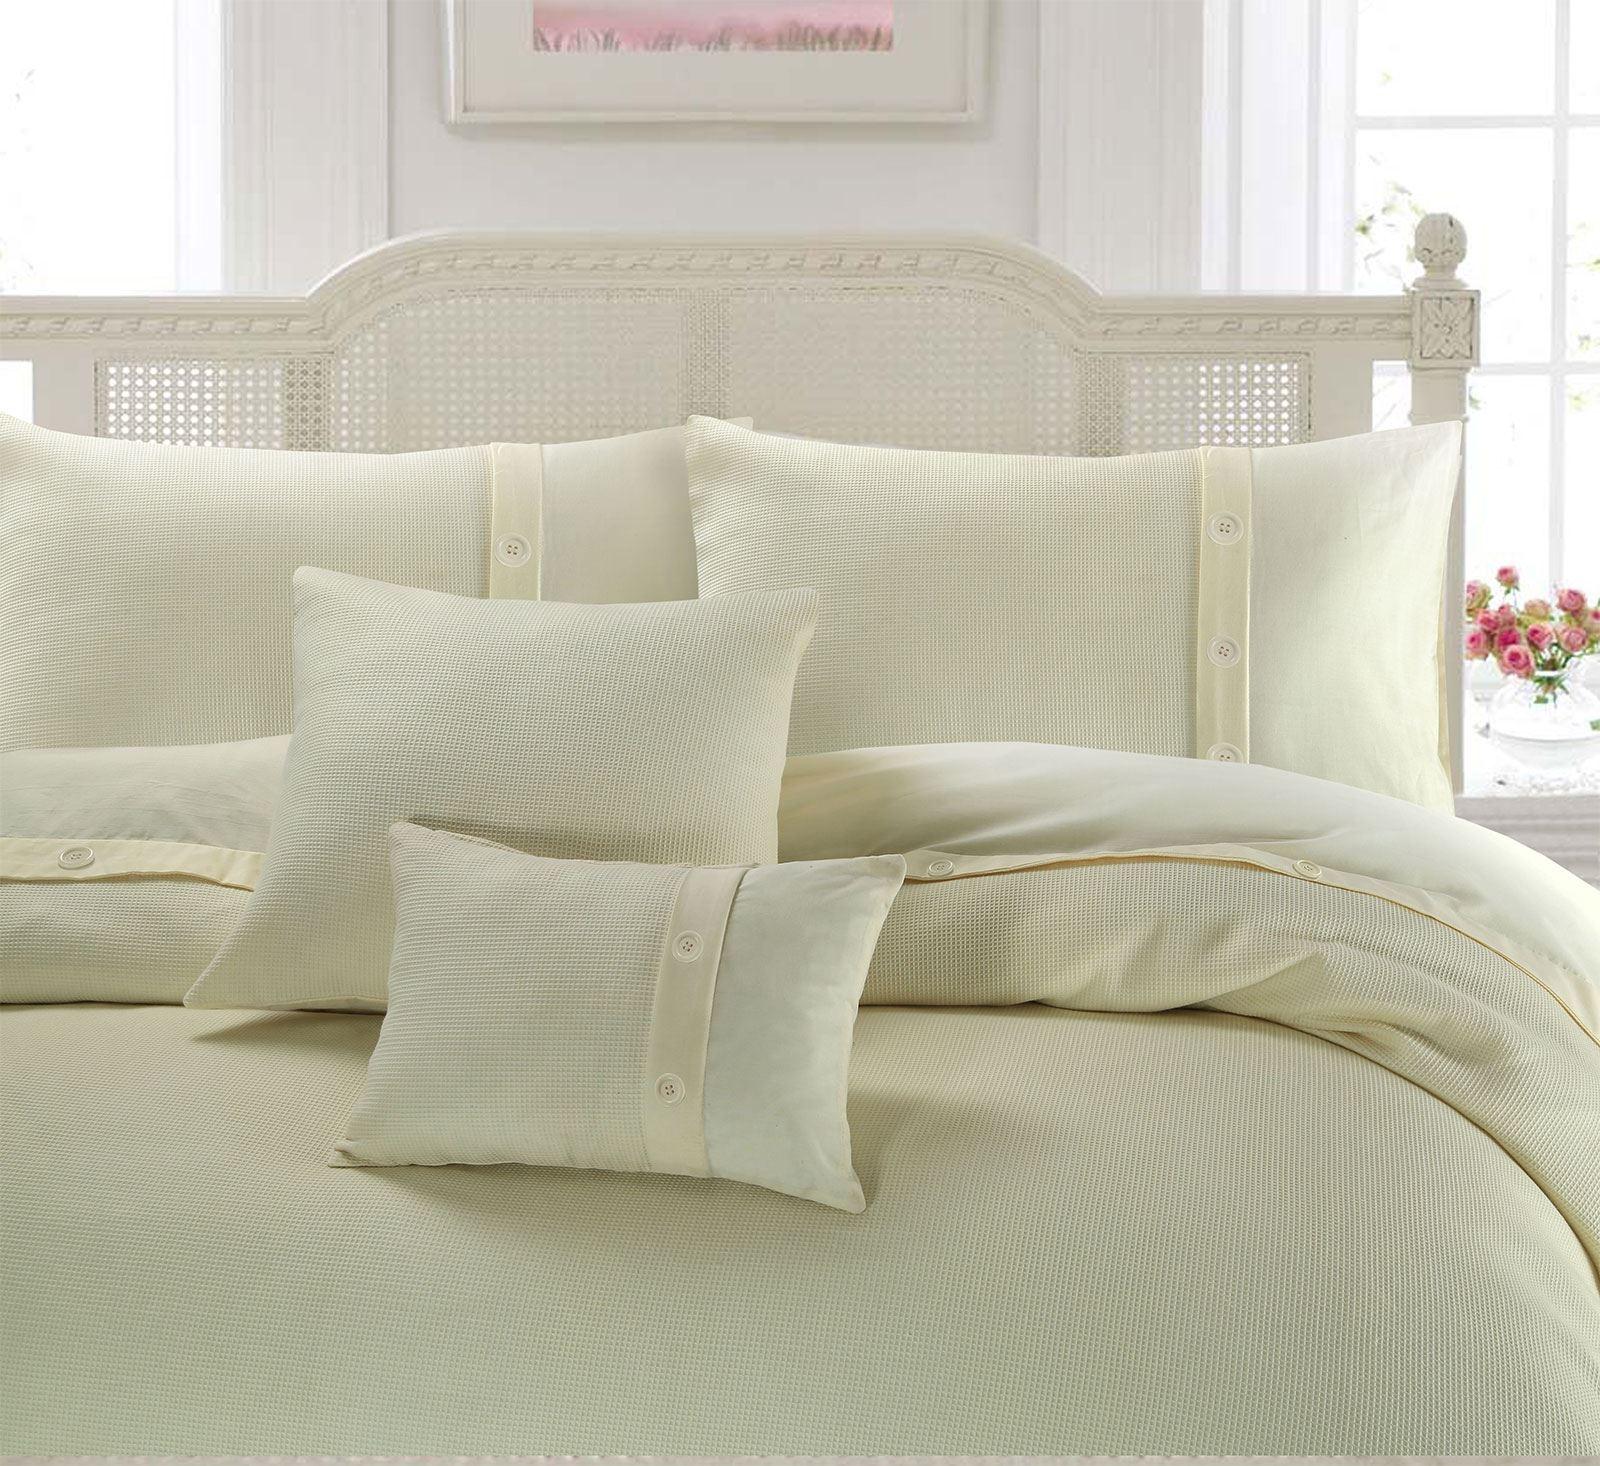 100-Algodon-Cuidado-facil-cubierta-del-edredon-edredon-multicolor-nuevo-conjunto-de-ropa-de-cama miniatura 19